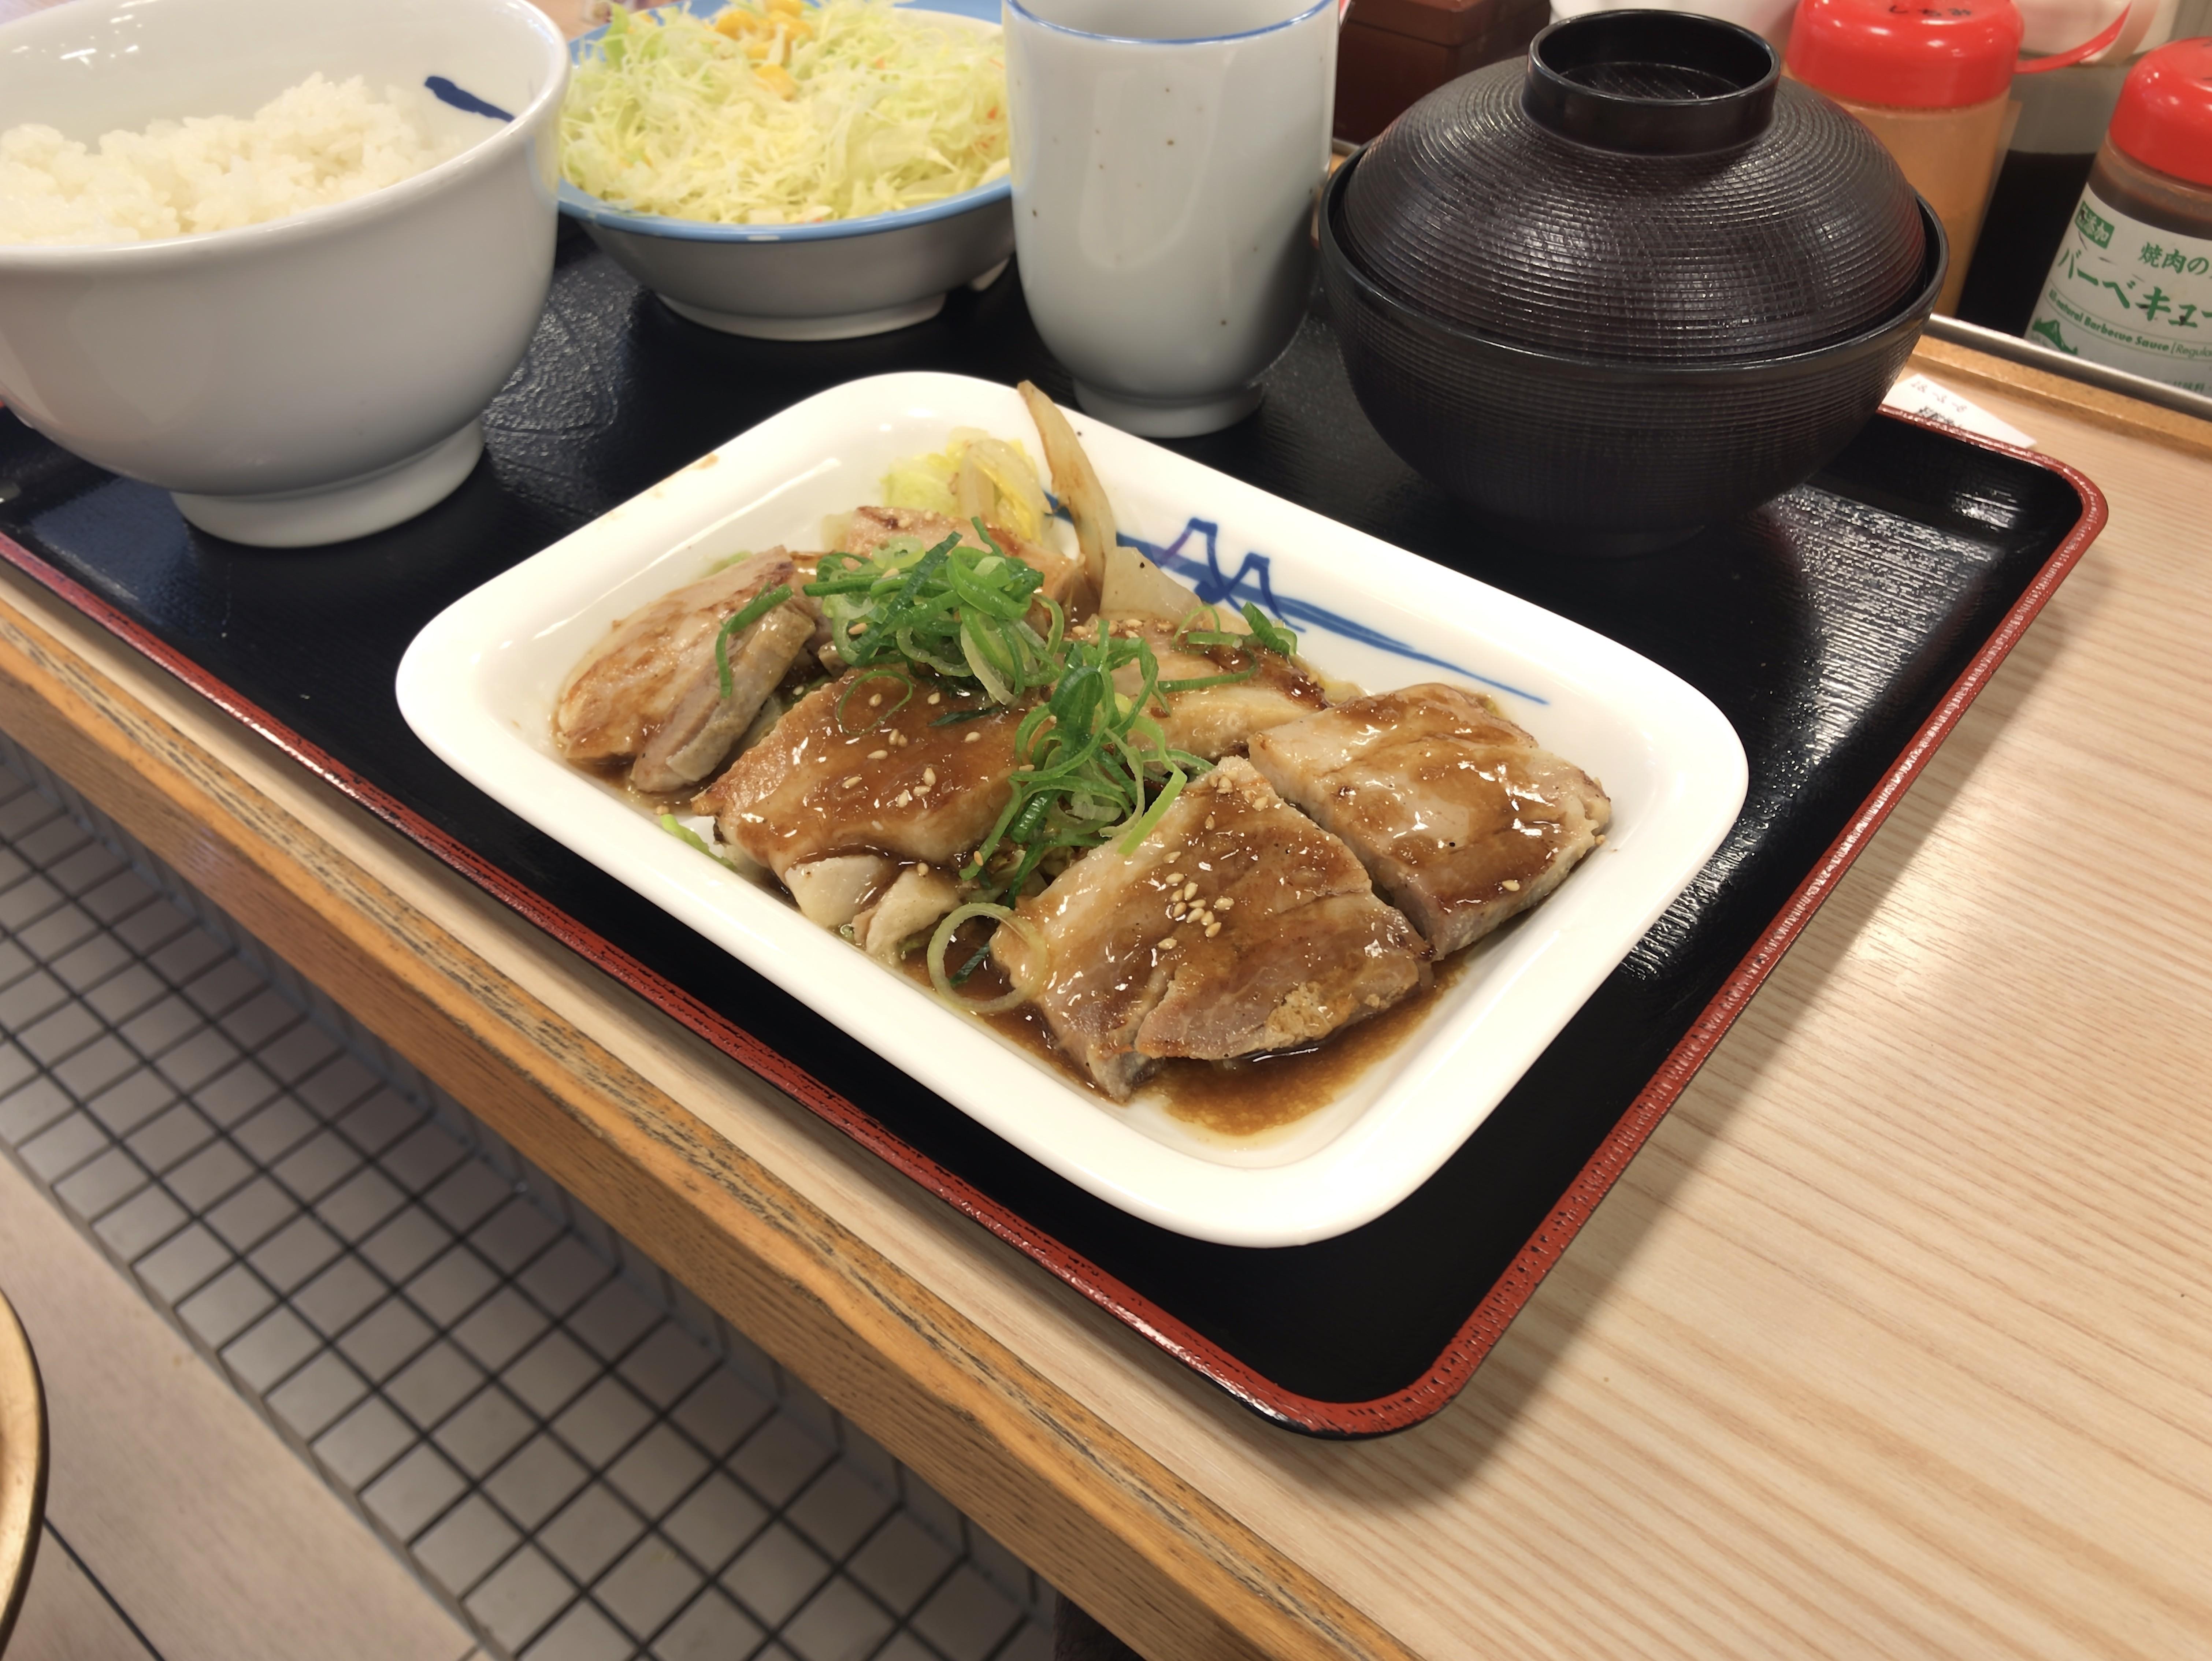 [松屋][ふわとろ豚と温野菜定][税込み680円][953kcal]